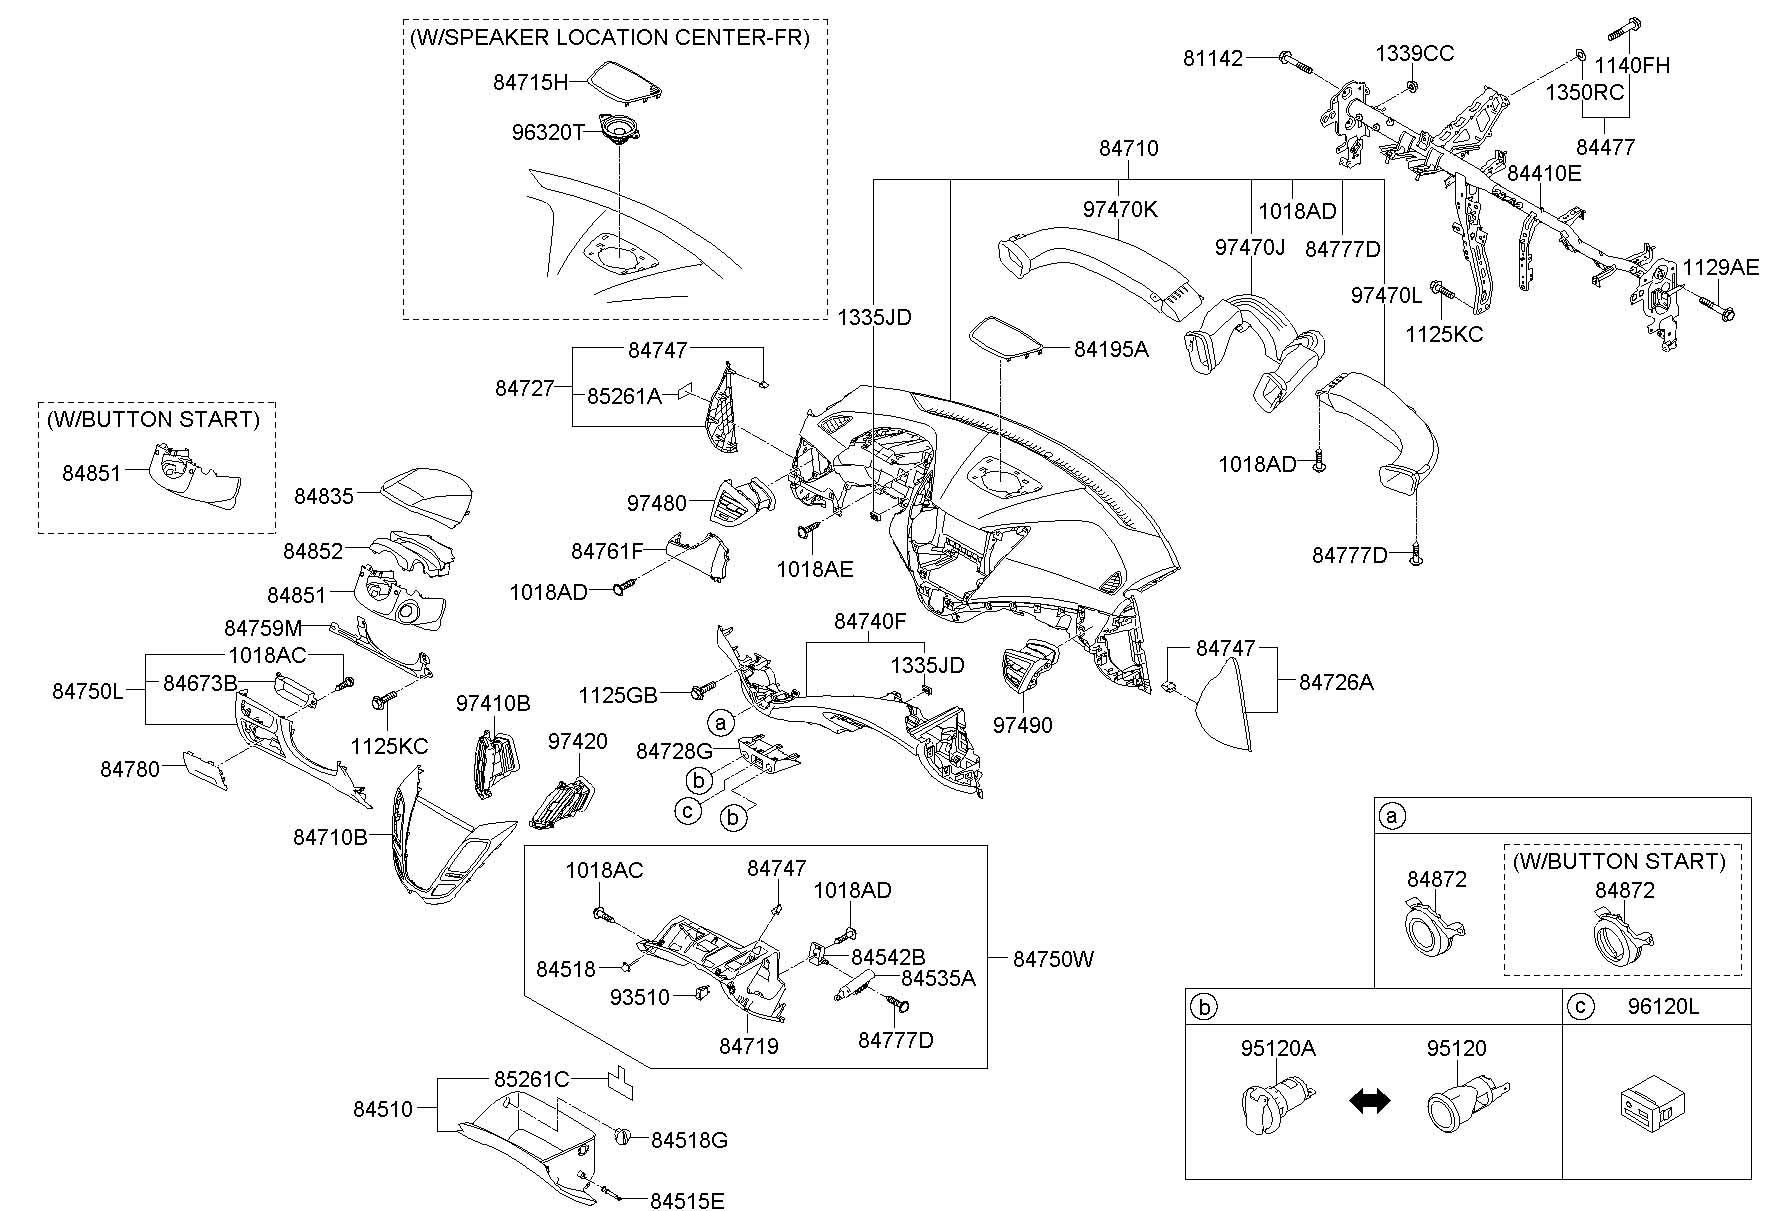 Hyundai Sonata Dash Parts Diagram, Hyundai, Free Engine